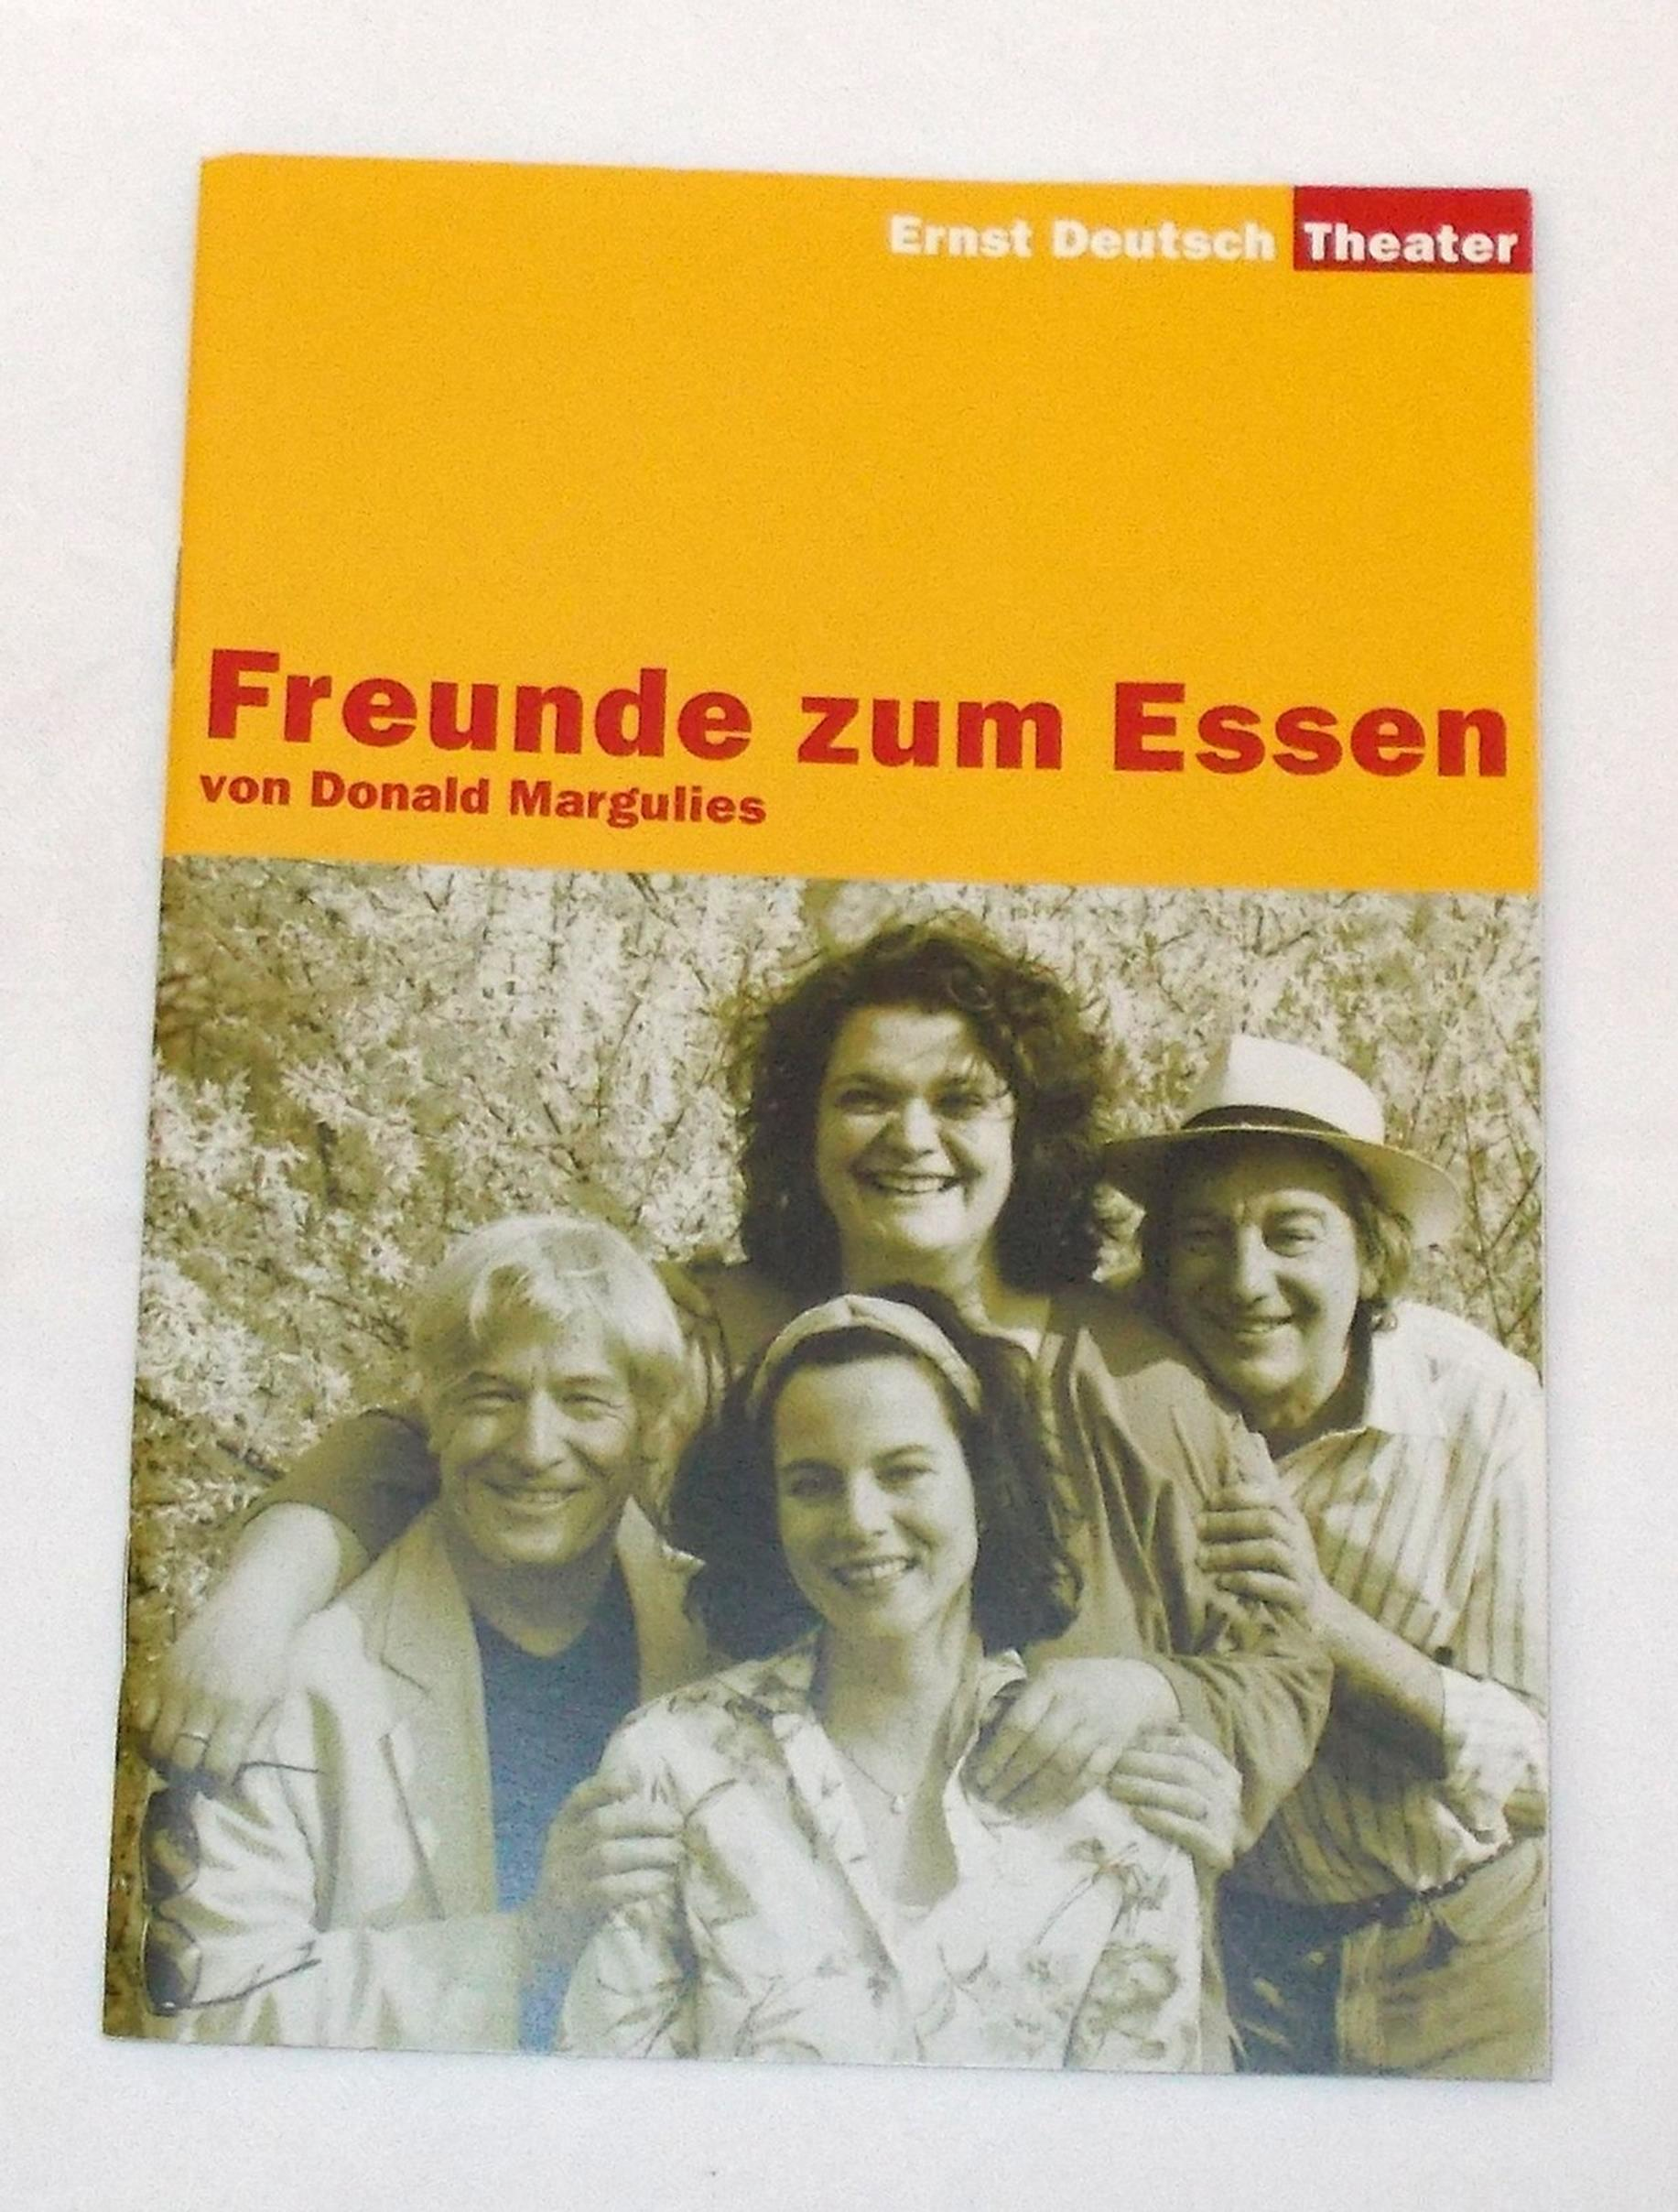 Programmheft Freunde zum Essen von Donald Margulies Ernst Deutsch Theater 2004